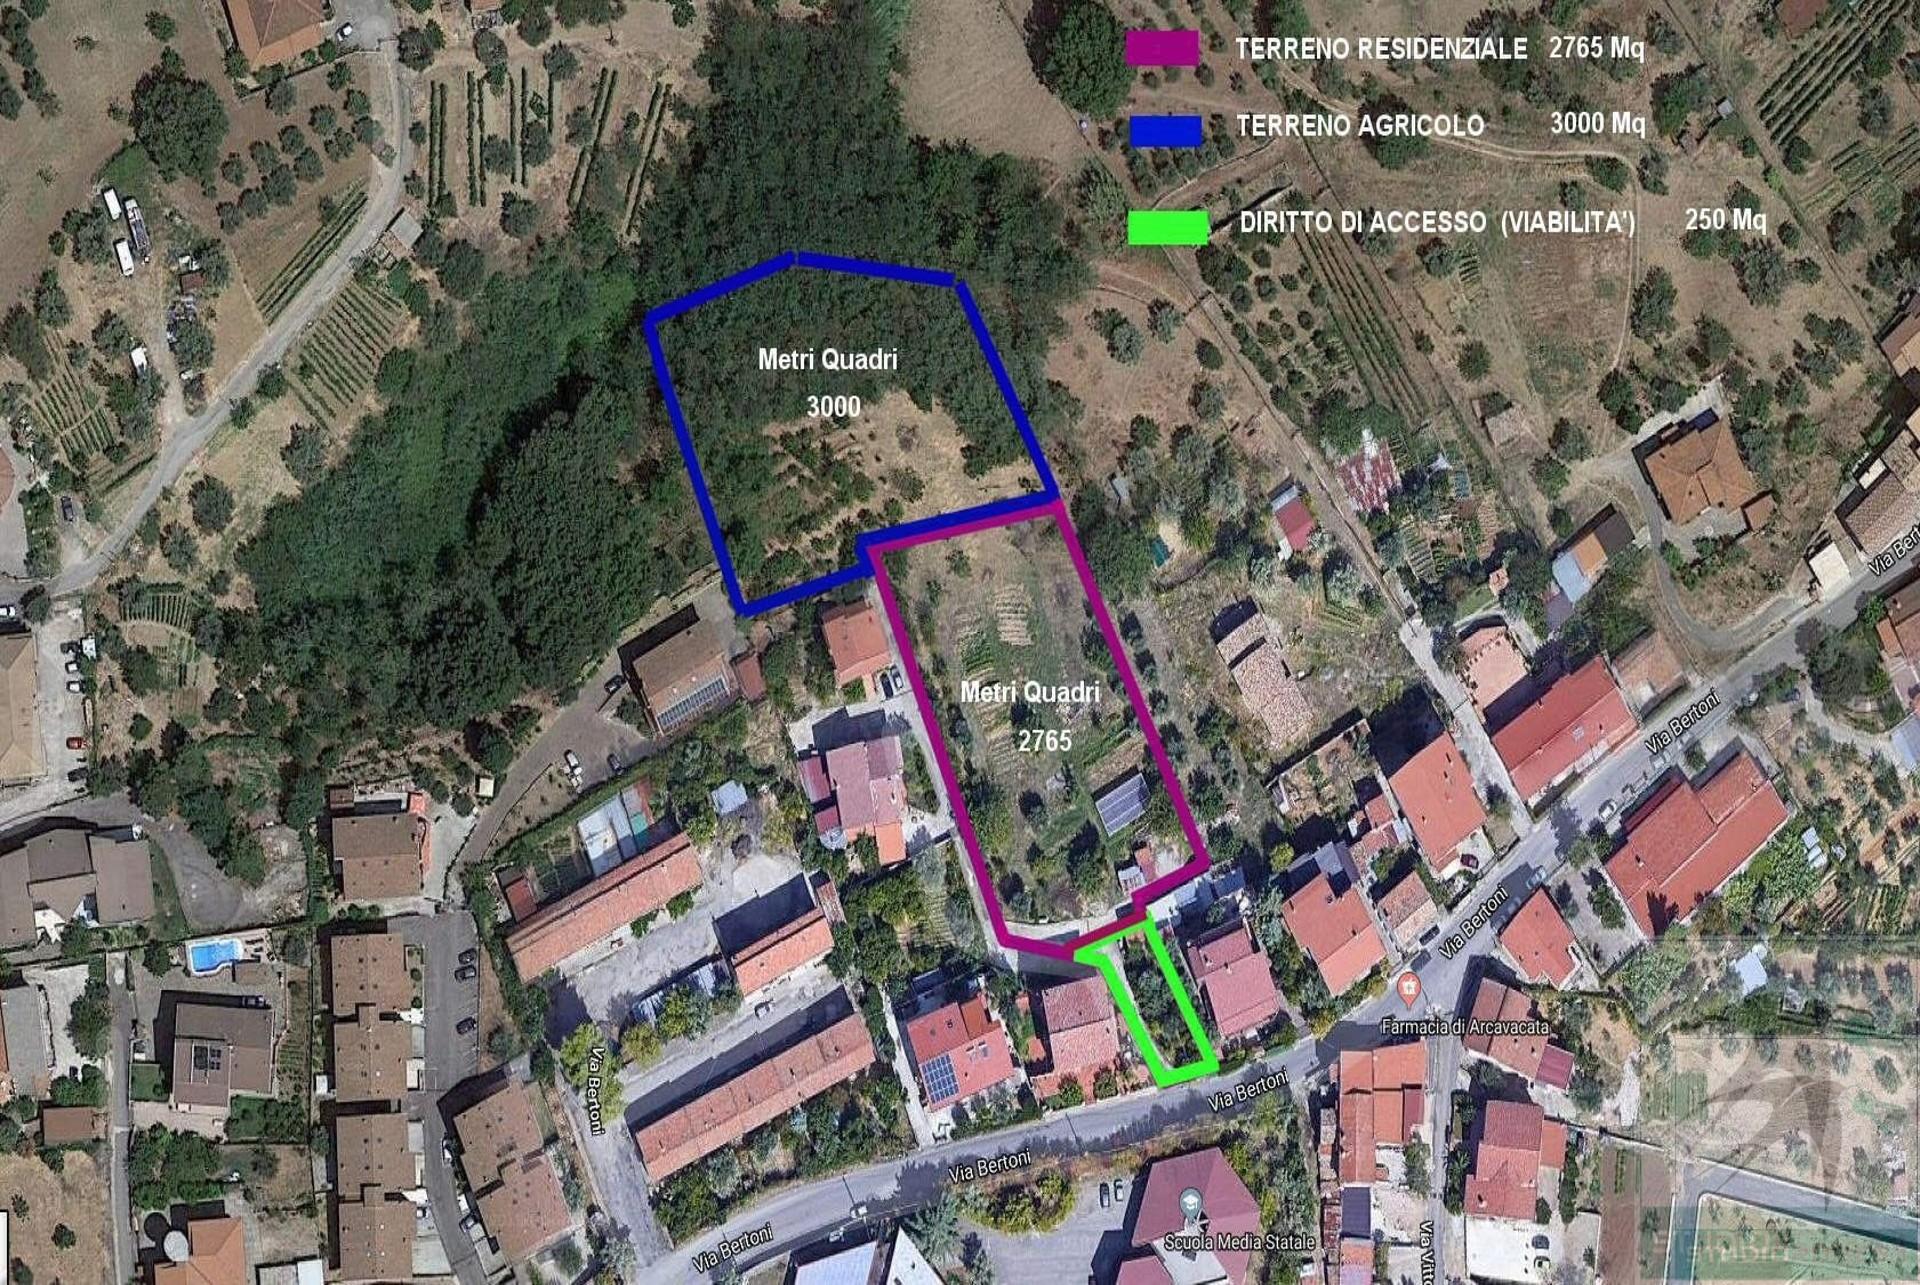 Terreno in Vendita 5765,00 mq - - Rende - Rocchi-S.Stefano-Arcavacata (CS)